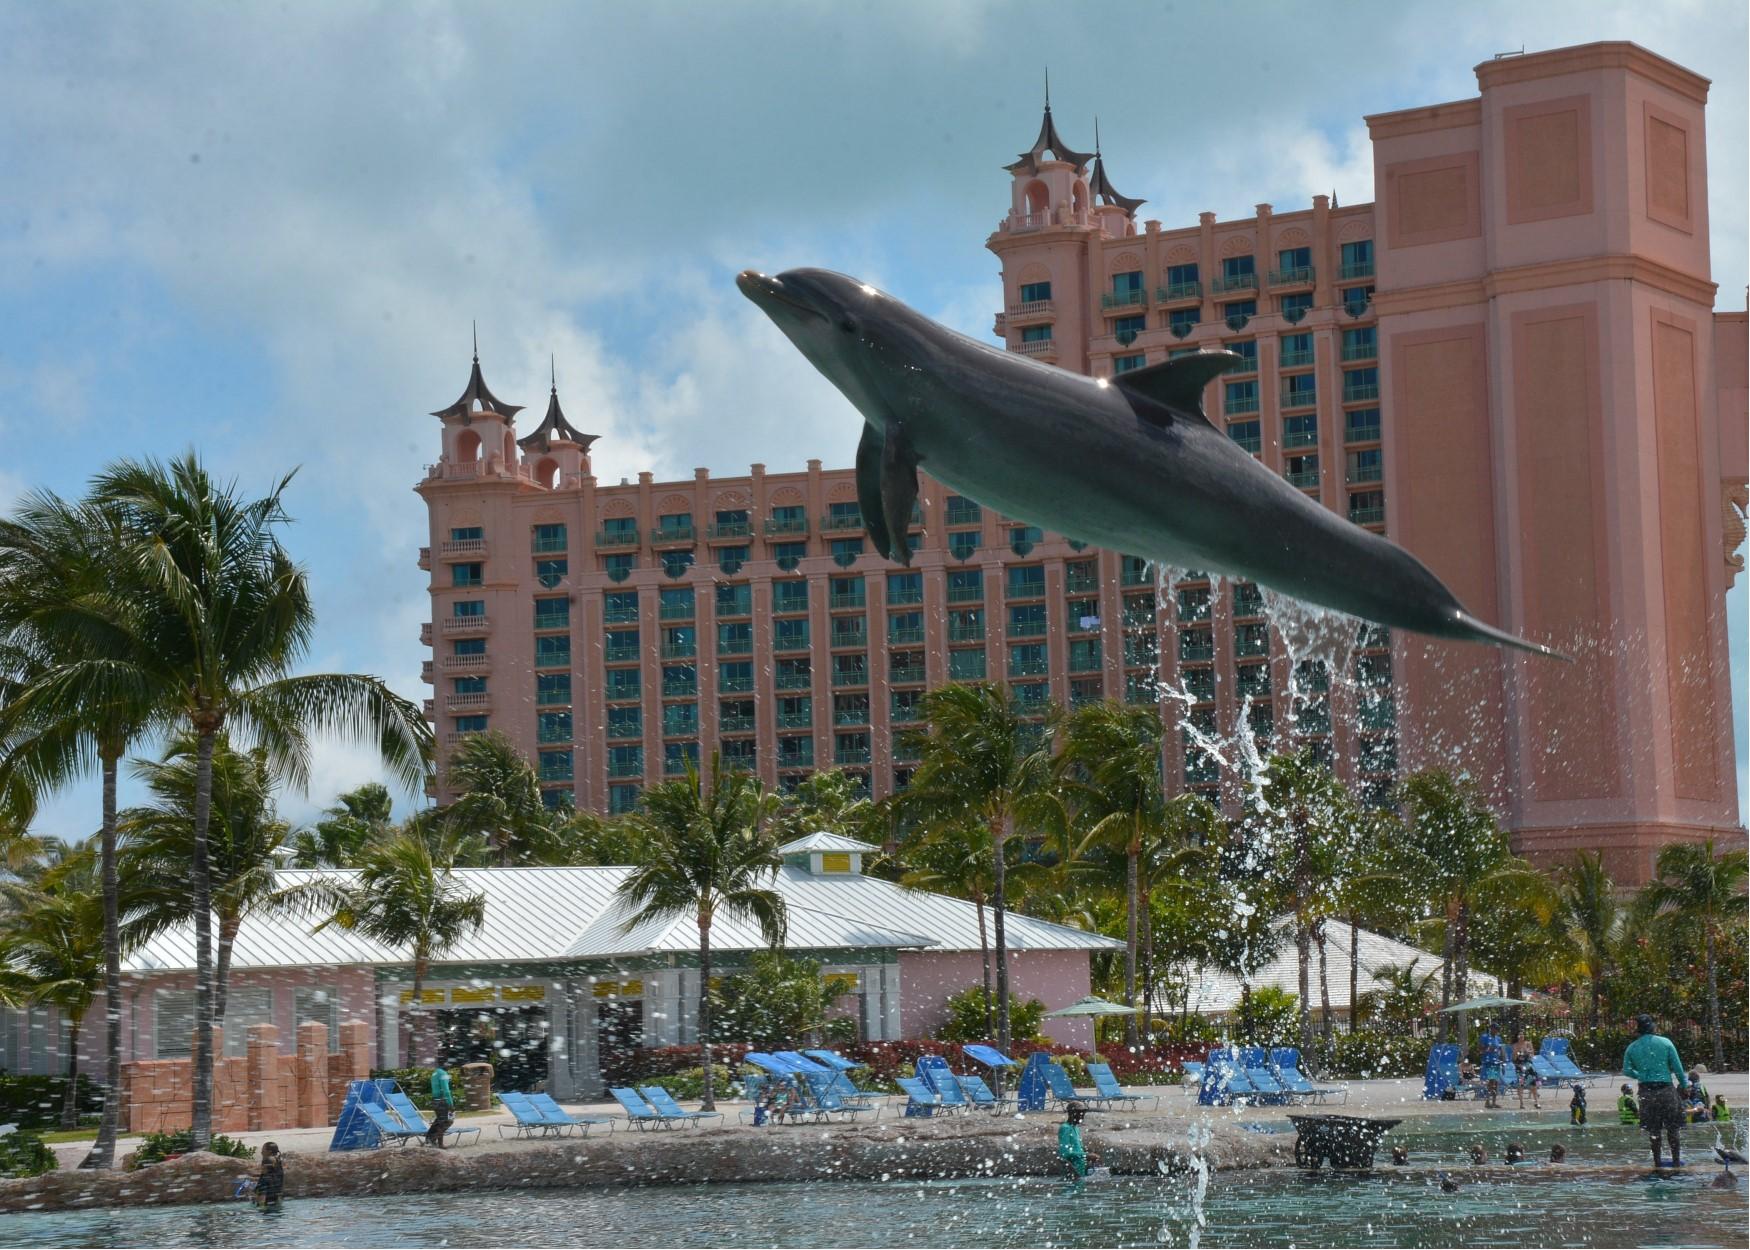 Foto do golfinho saltando na piscina, com o resort Atlantis ao fundo